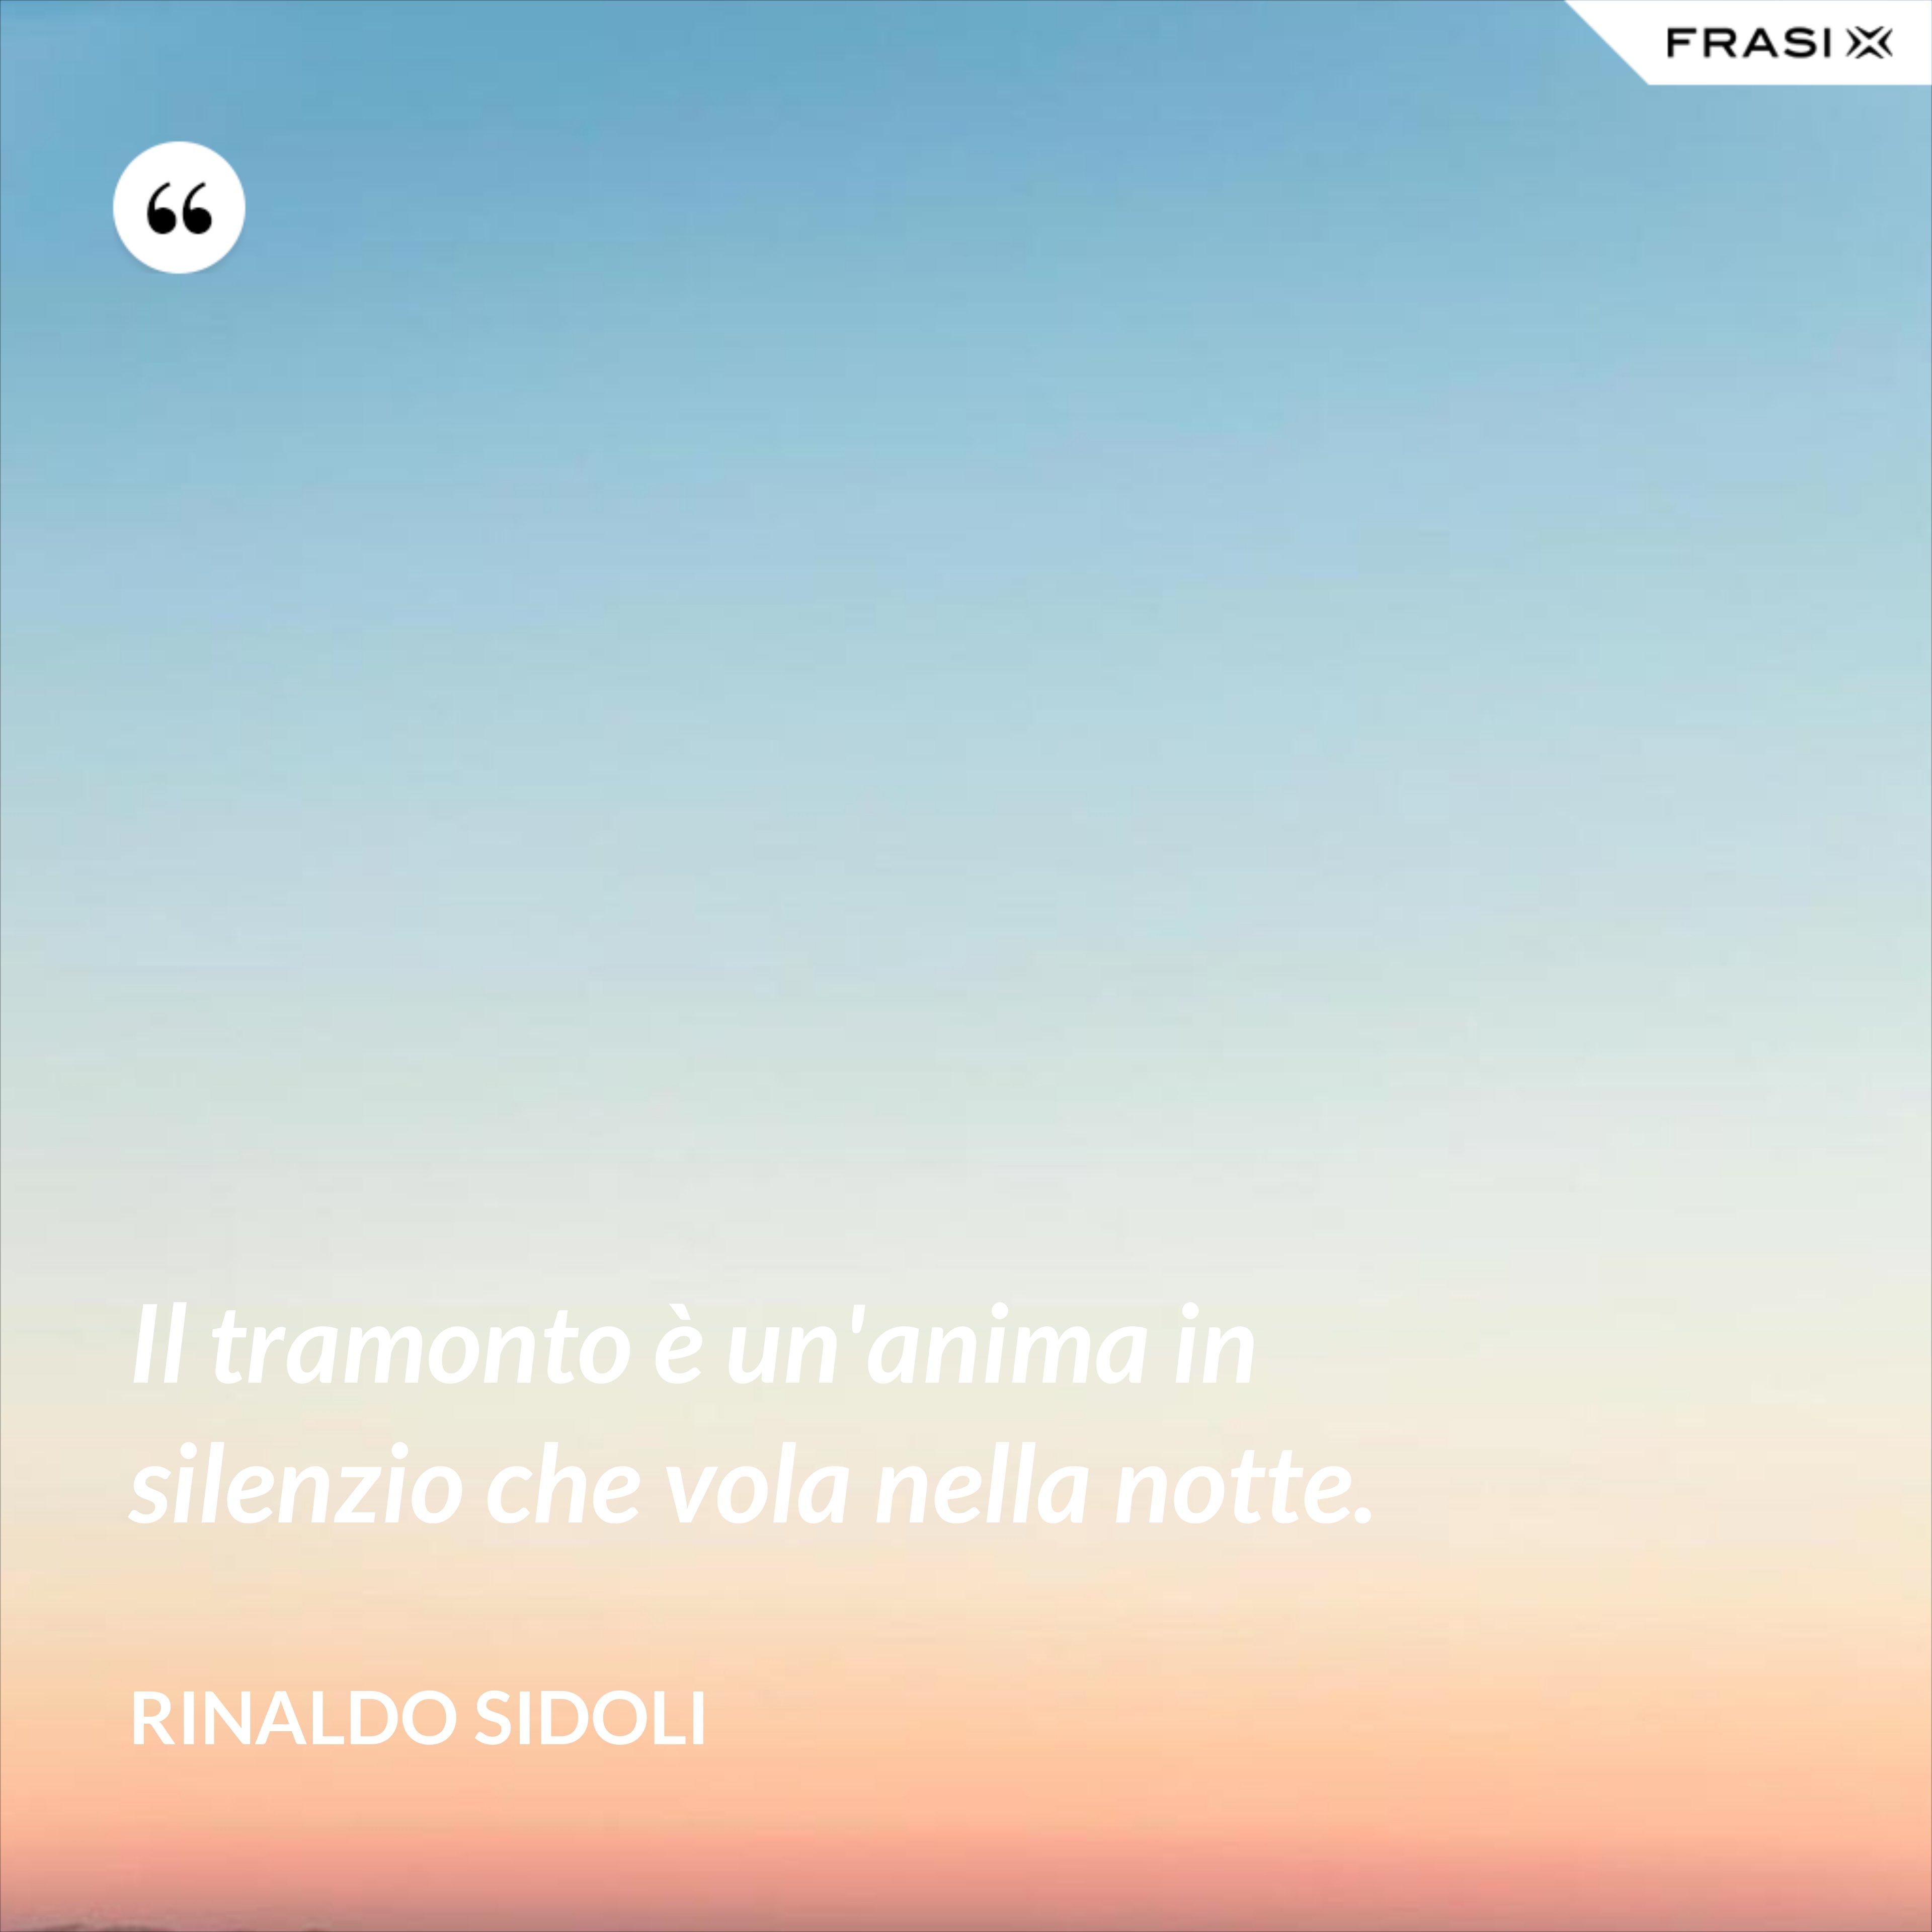 Il tramonto è un'anima in silenzio che vola nella notte. - Rinaldo Sidoli